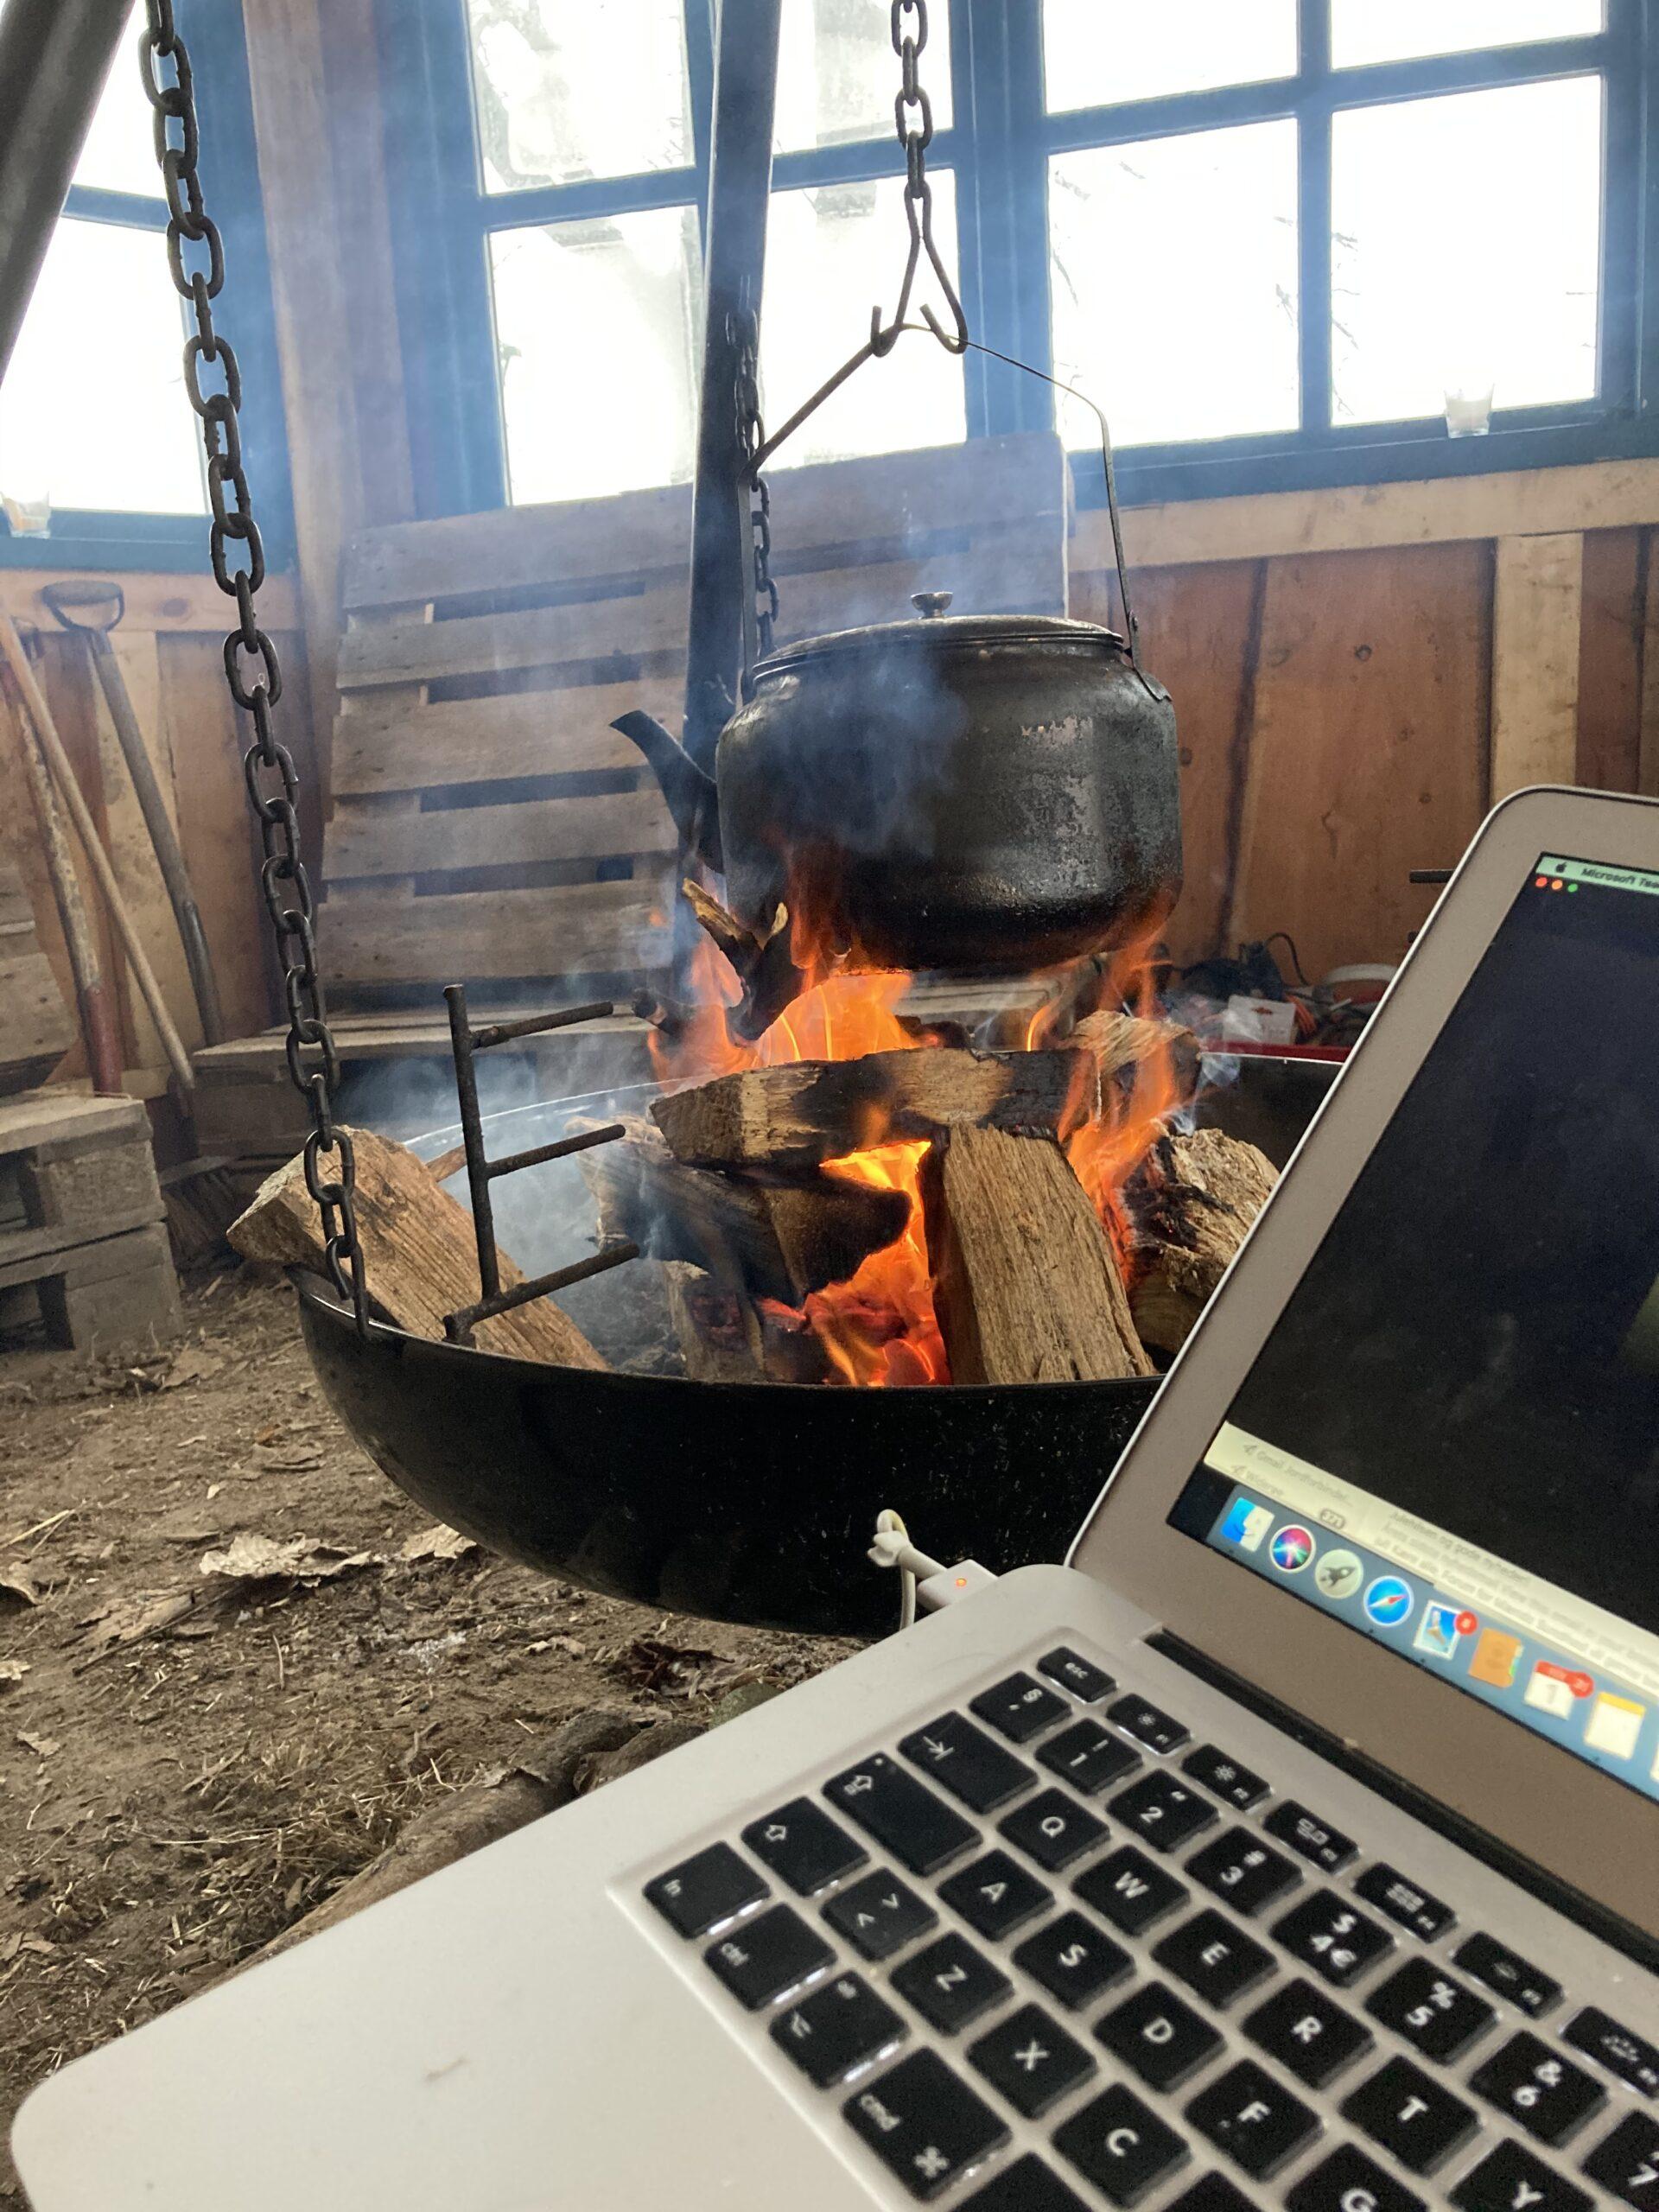 Verdens bedste kontor til online møder og konferencer. Kort vej til kaffe og varme.